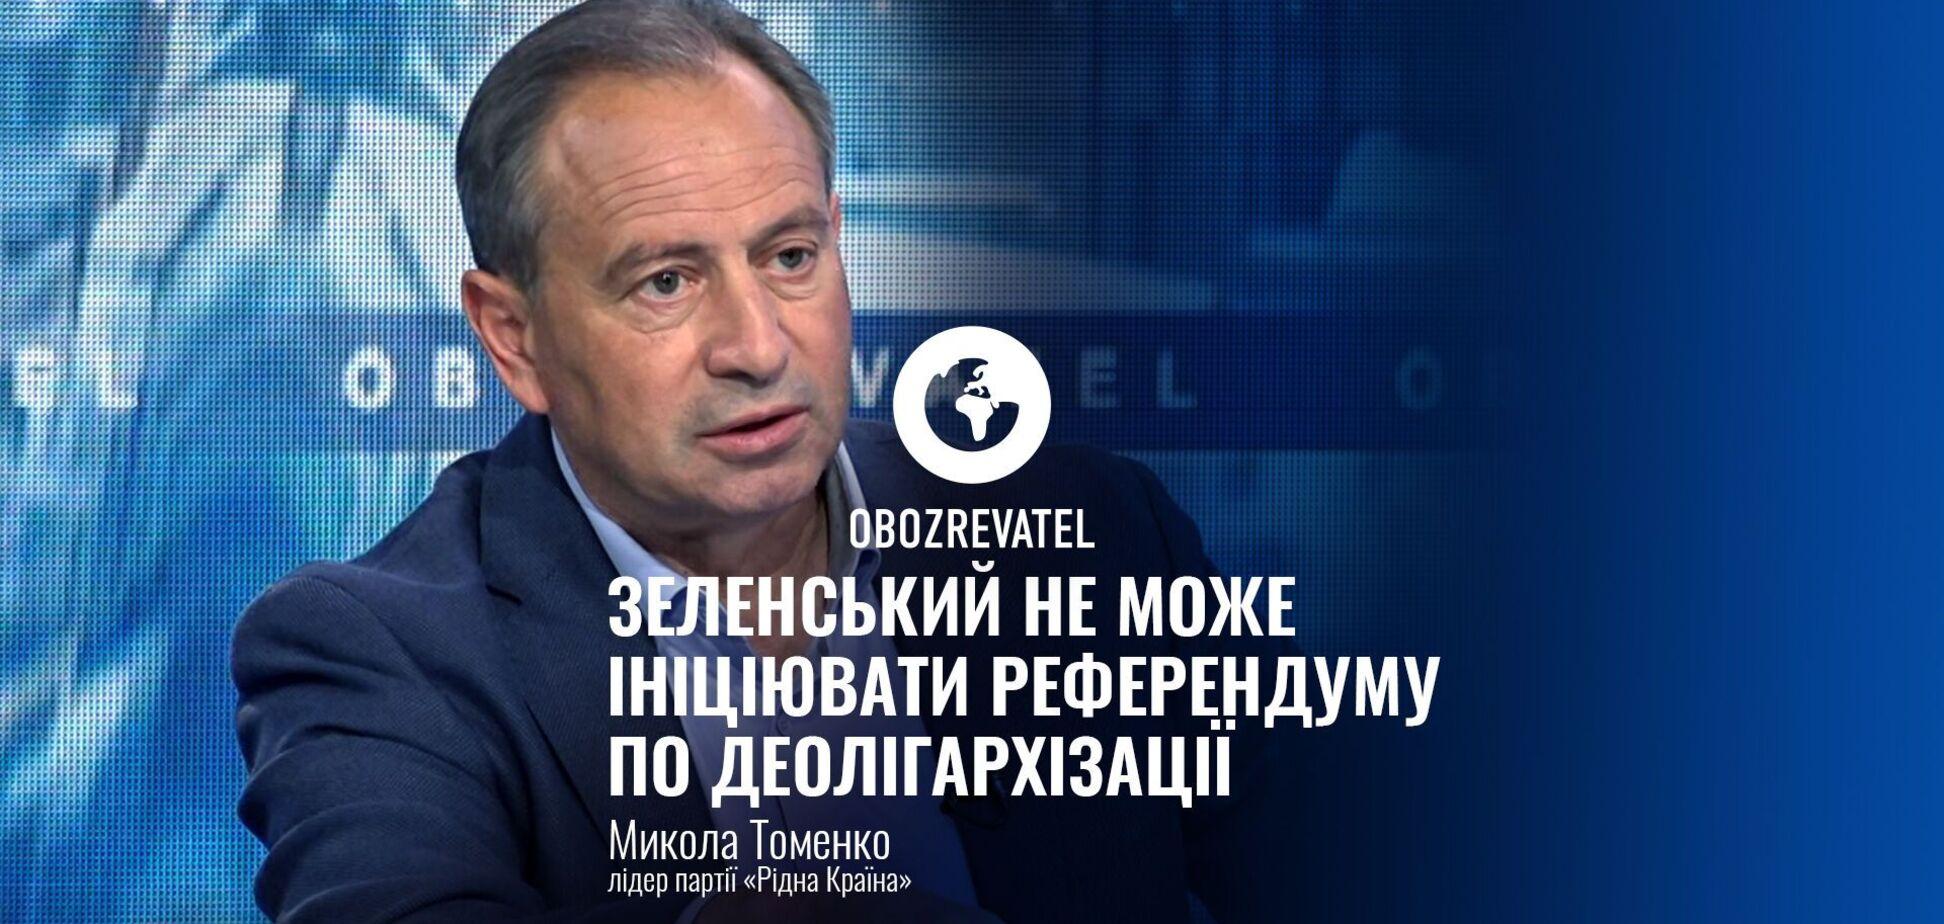 Томенко: без народной инициативы президент не может инициировать референдум